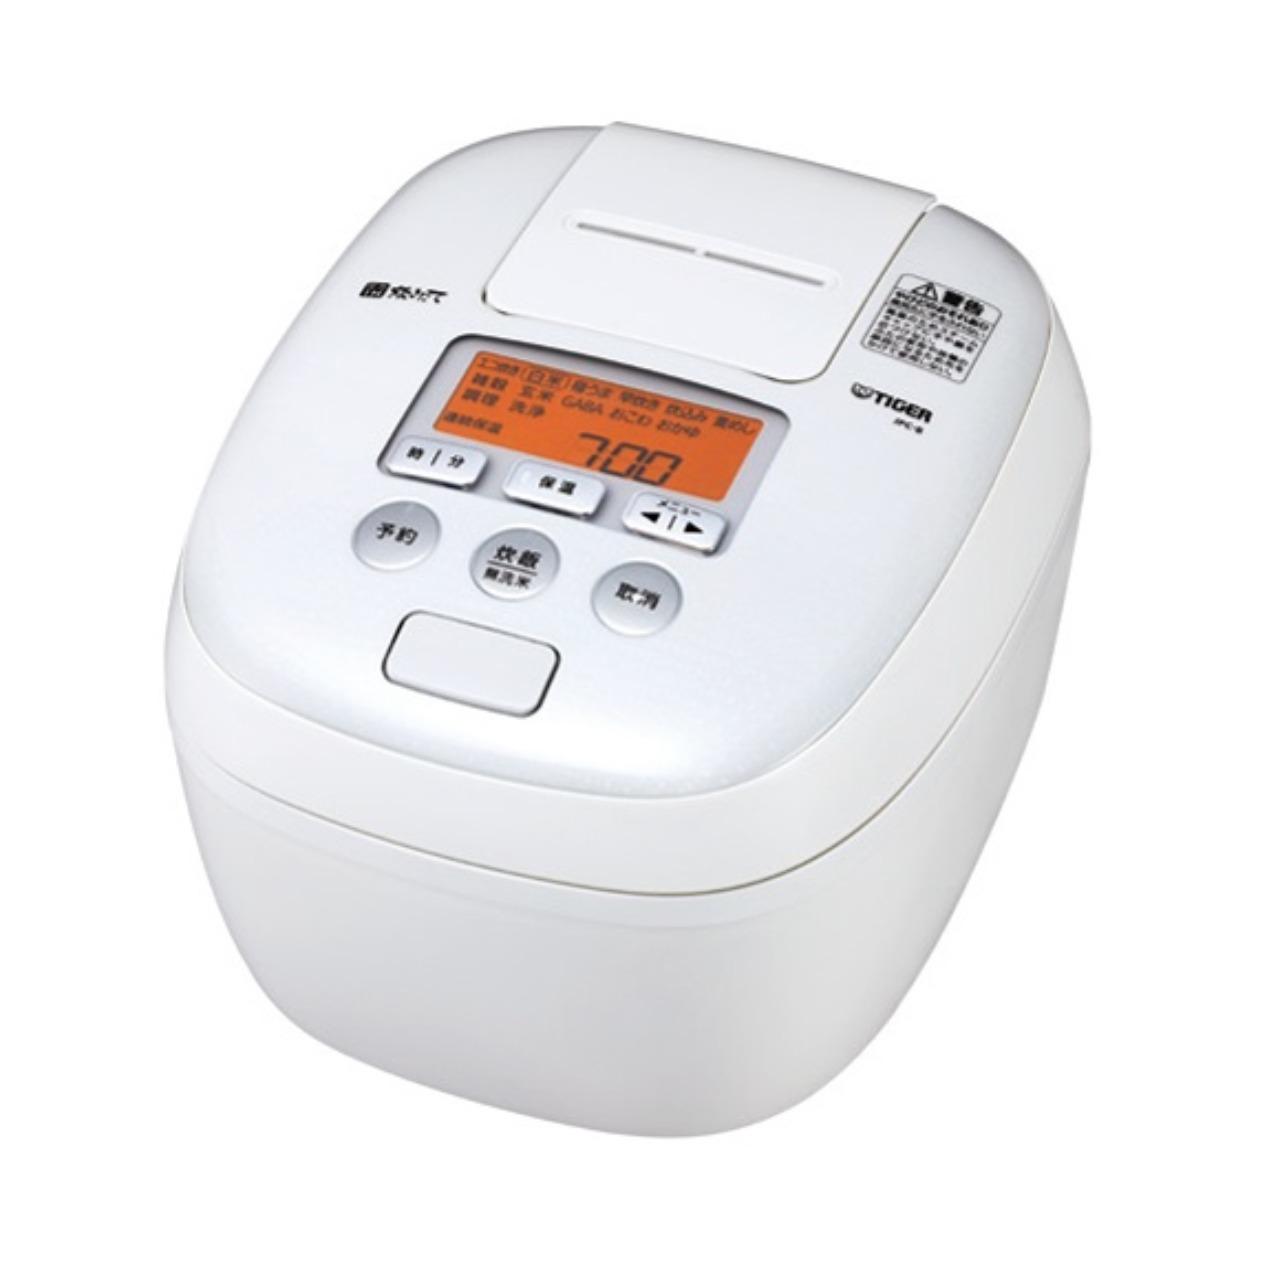 タイガー炊きたてJPC-B100圧力IH炊飯ジャー